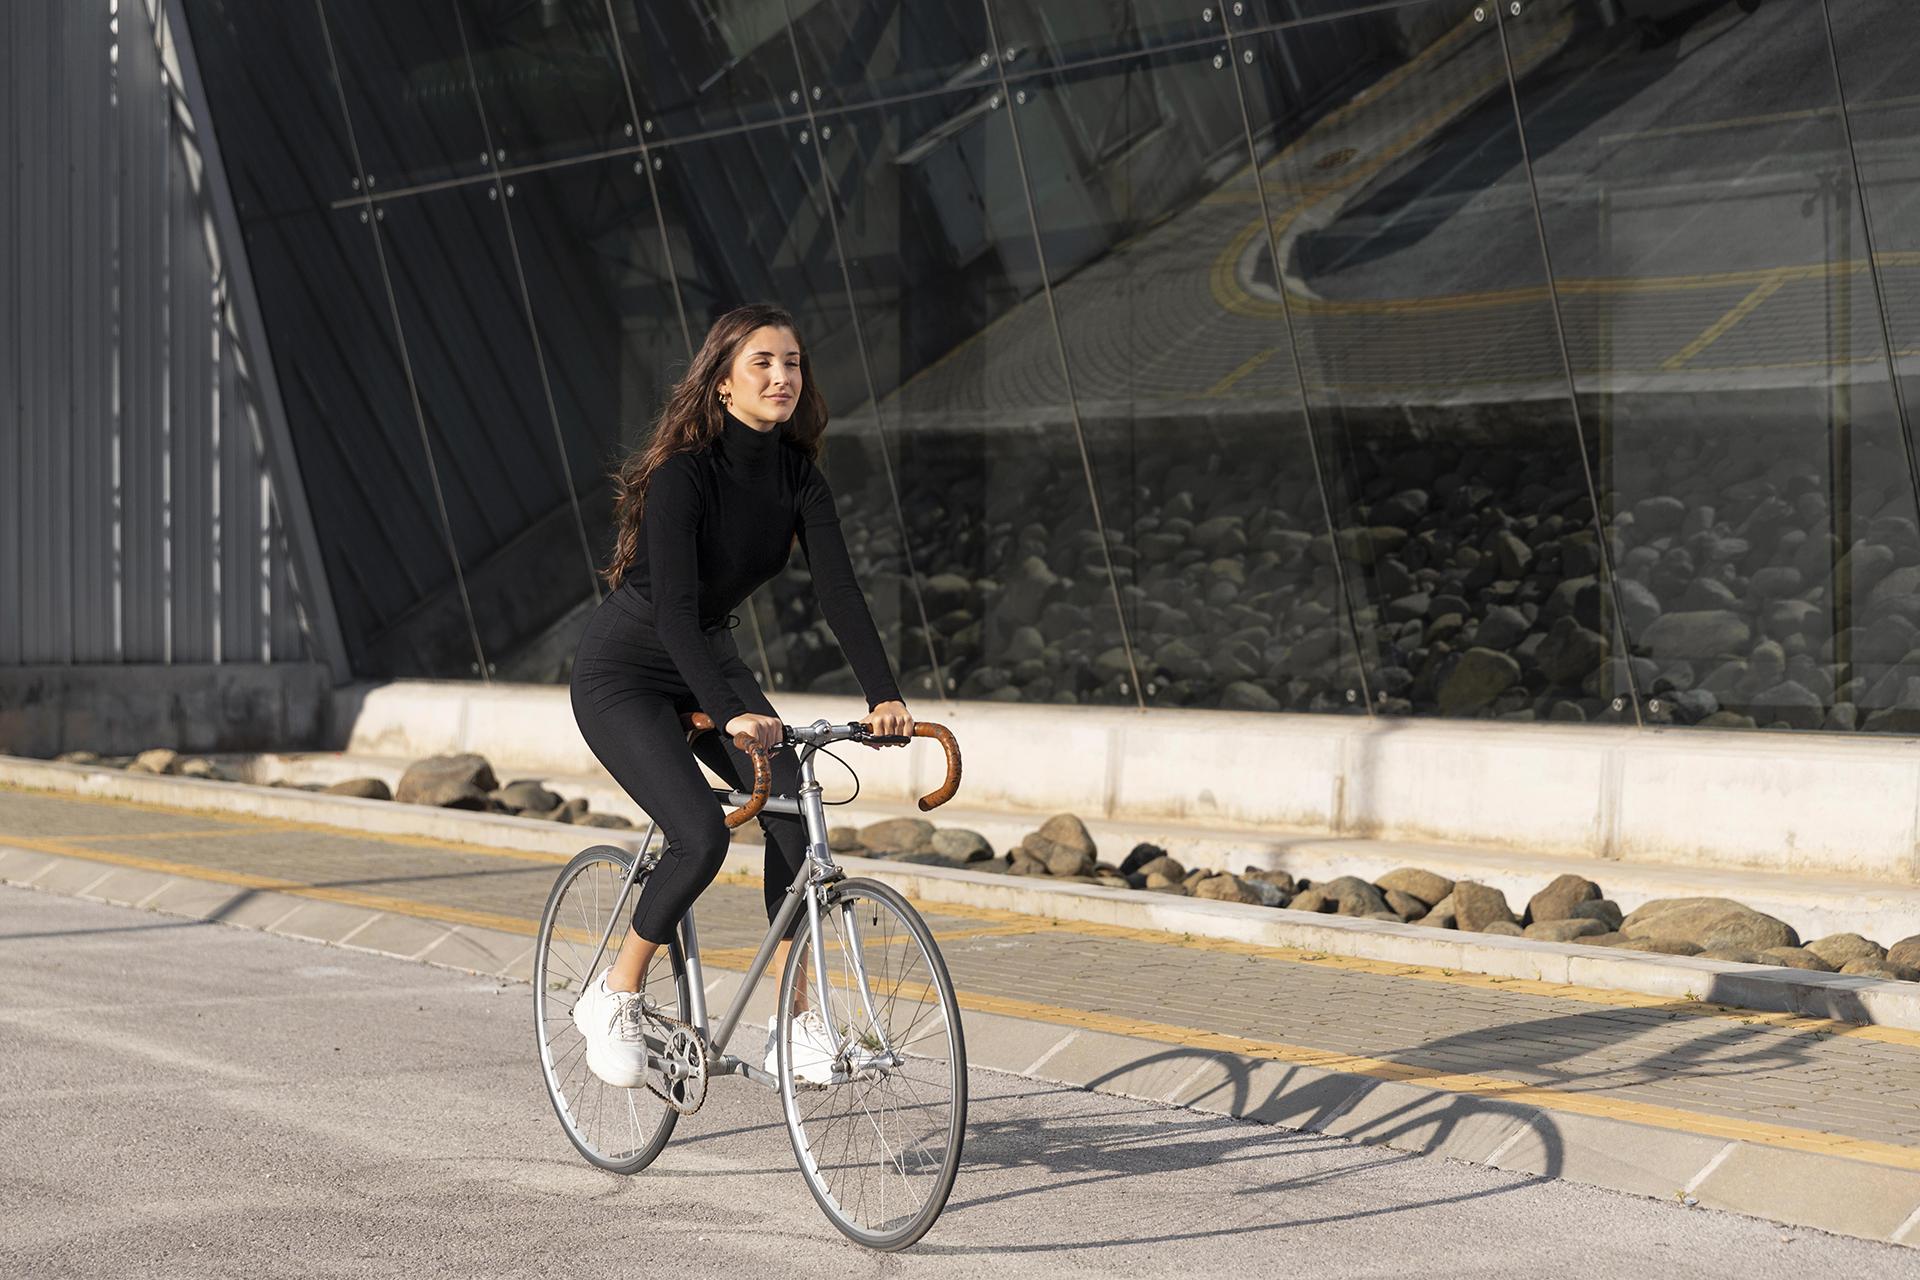 Vai começar a pedalar? Veja 7 dicas para ciclistas iniciantes